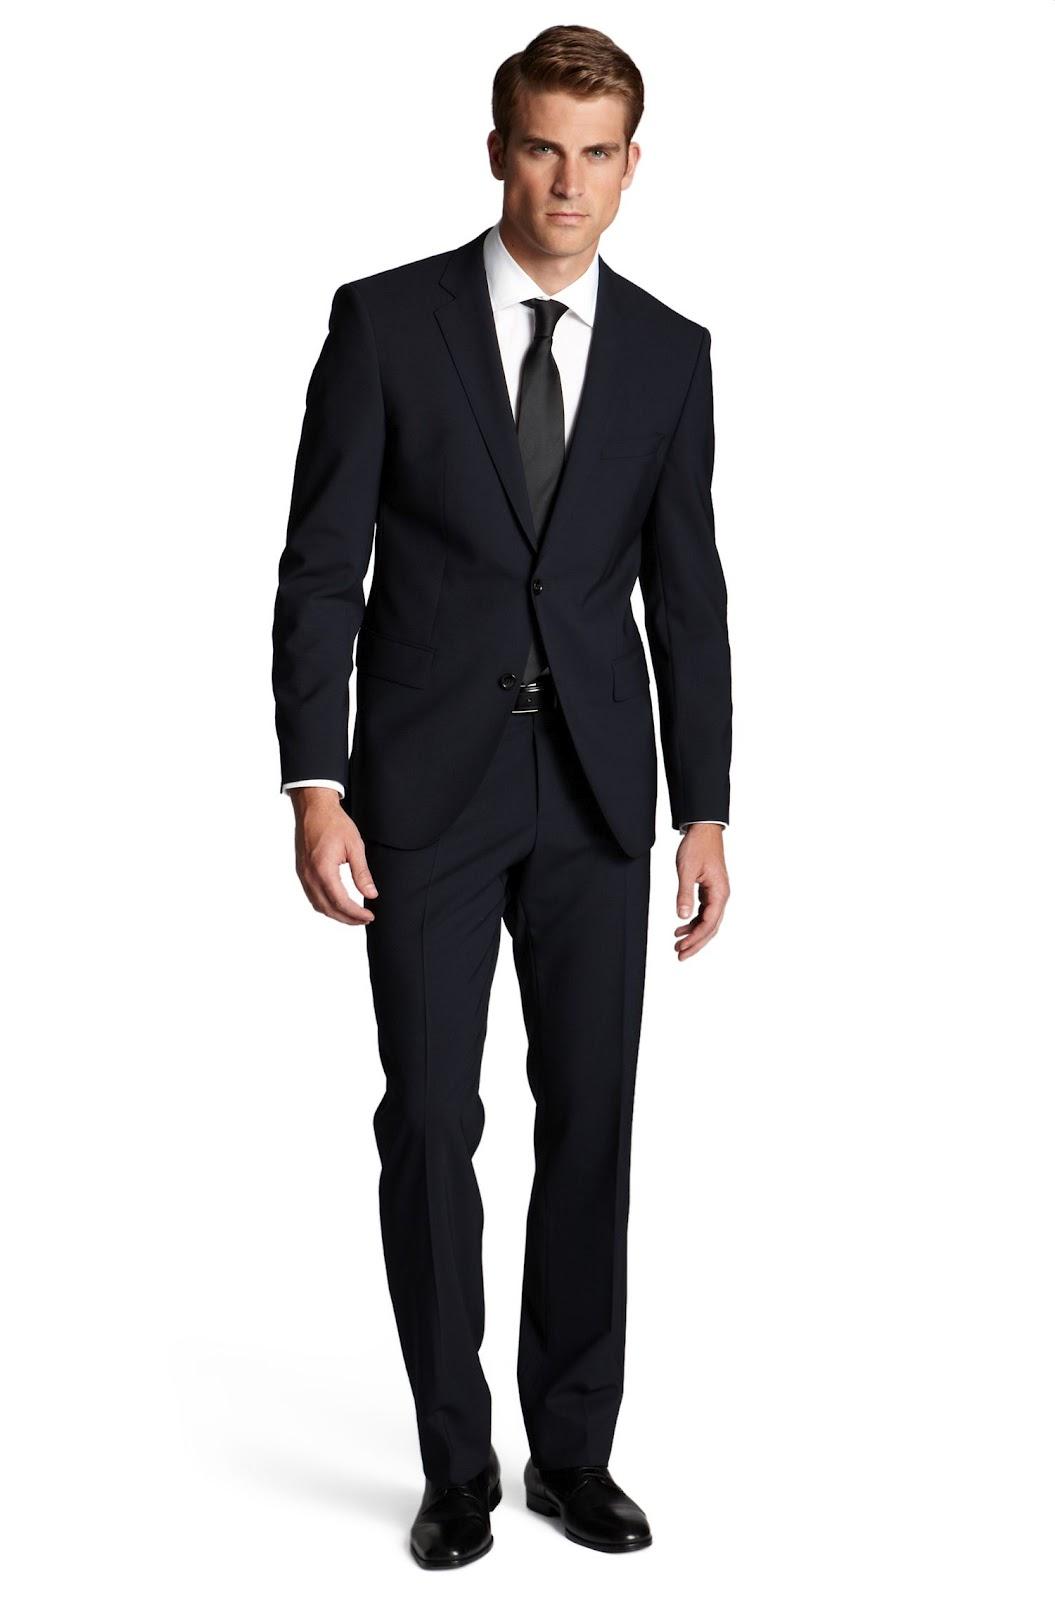 hugo boss wedding suits - photo #25